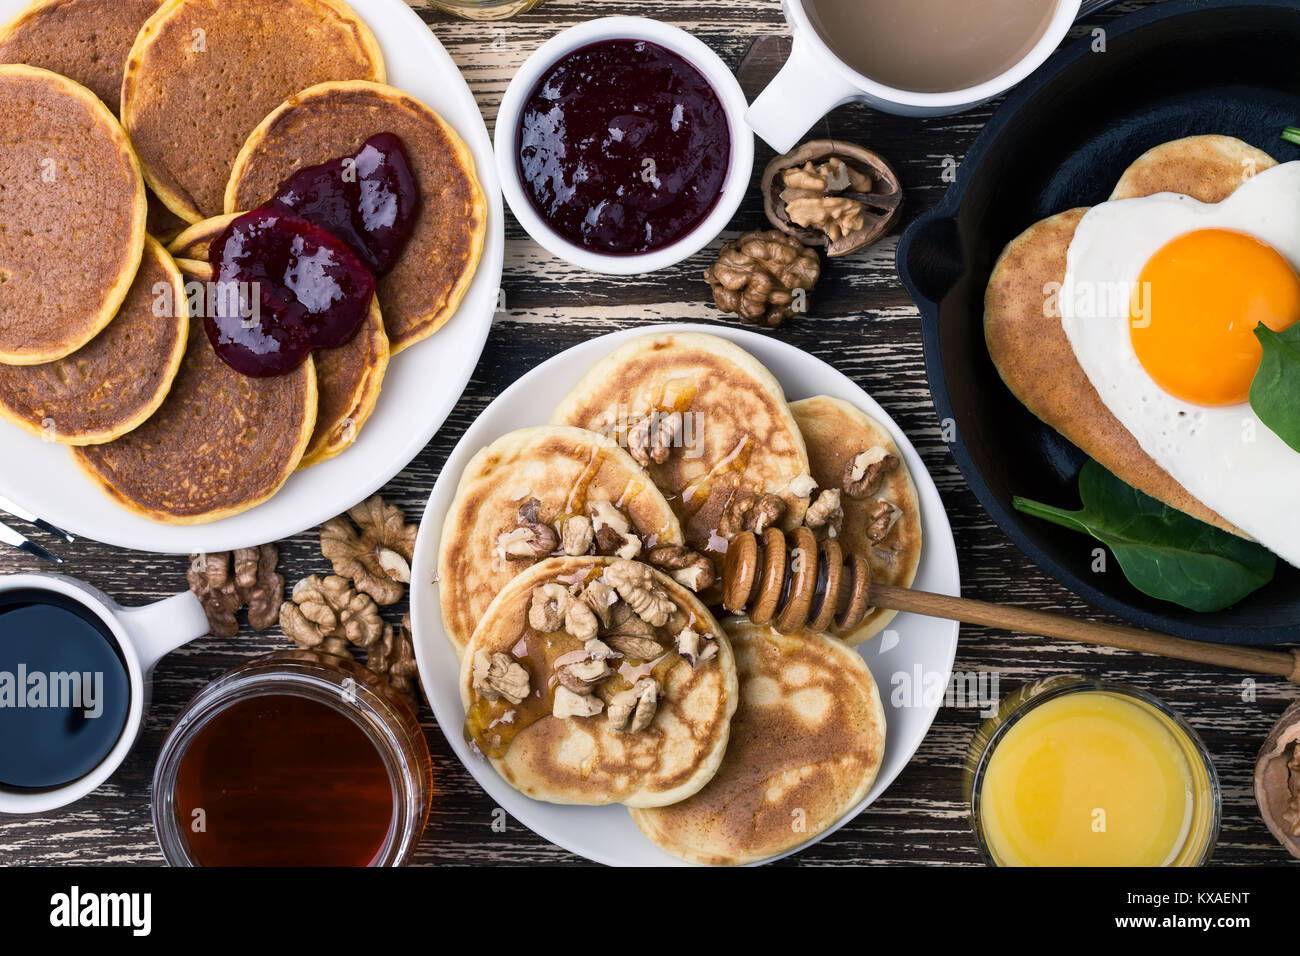 Valentine's day breakfast ou un brunch. Forme de coeur fait maison et d'œufs au plat en fonte poêle Photo Stock